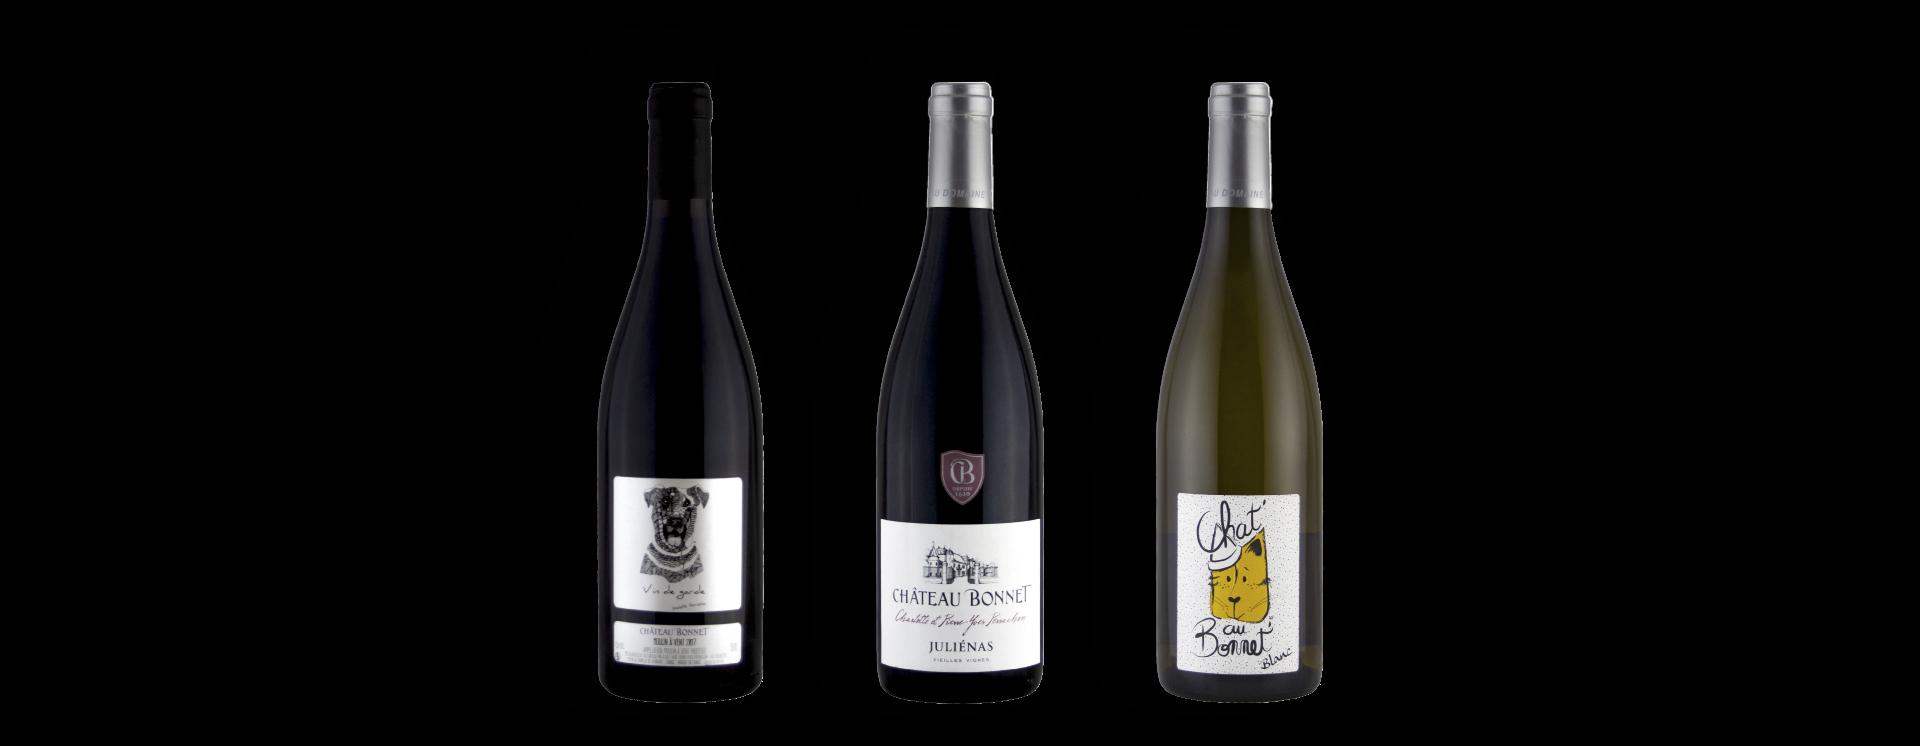 bouteilles-de-vin-domaine-beaujolais